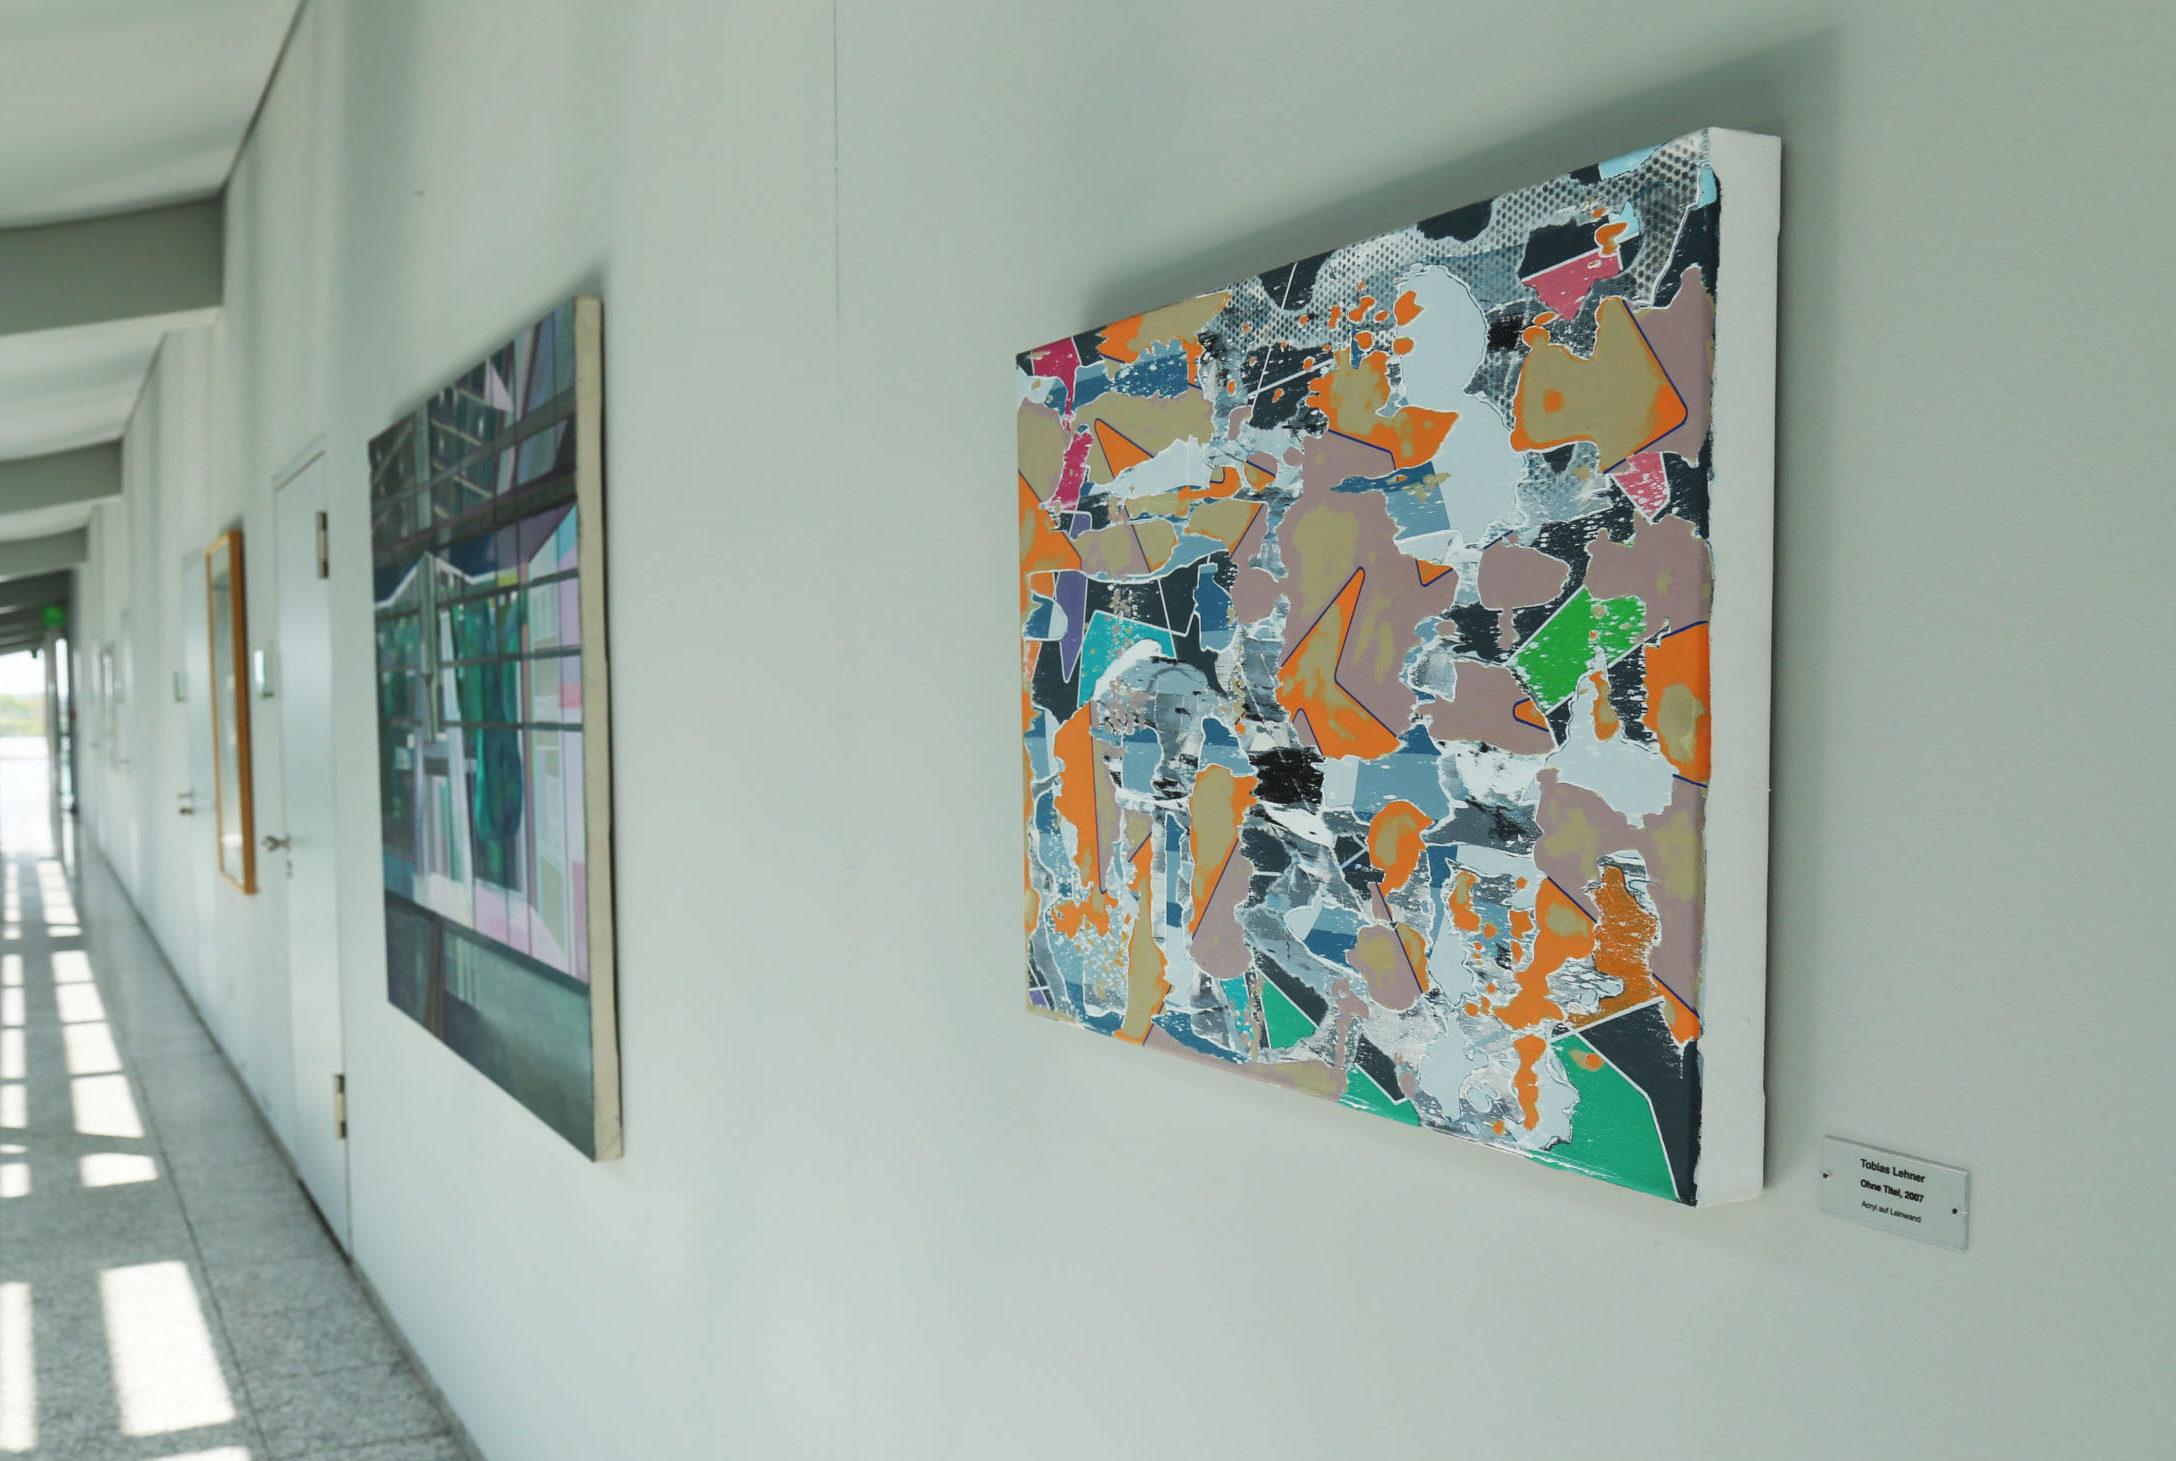 Blick auf das Werk von Tobias Lehner: ohne Titel